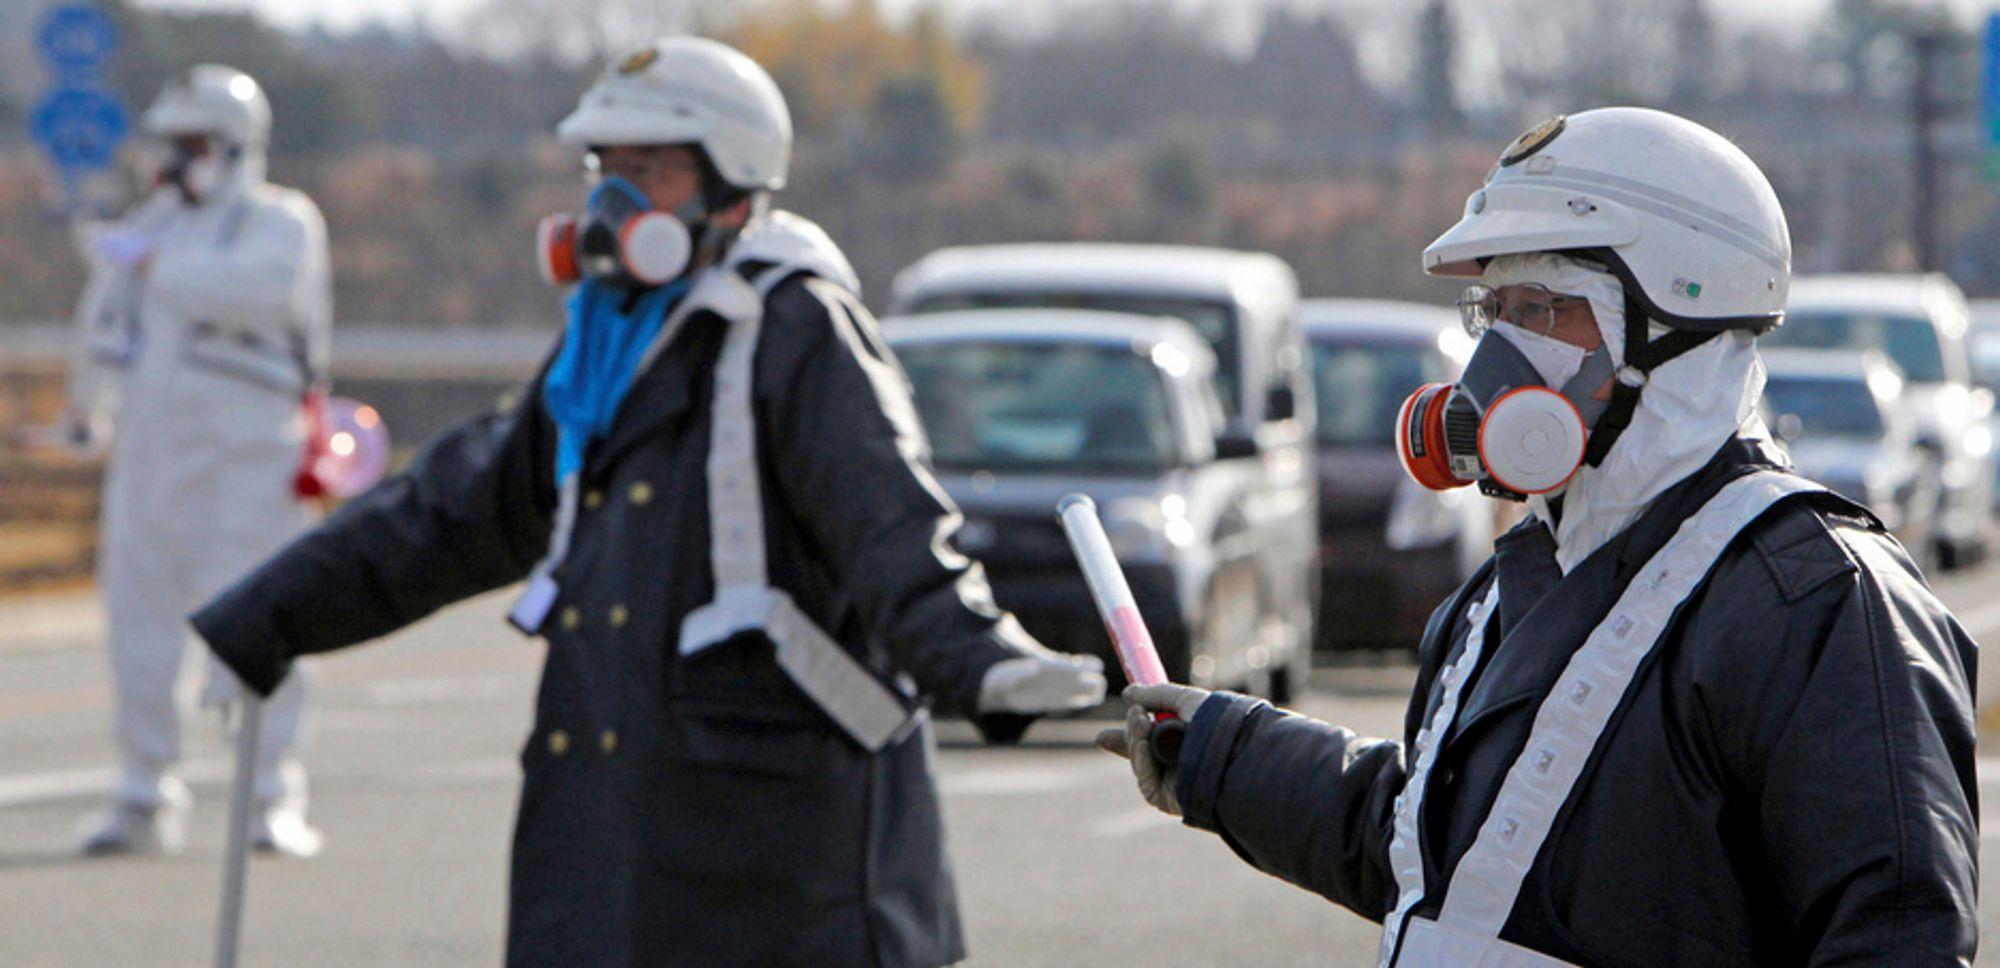 Politimenn med gassmasker leder trafikken vekk fra kjernekraftverket Fukushima Daiichi 1 under evakuering i mange kilometers radius etter radioaktive utslipp grunnet lørdagens eksplosjon ved anlegget. Nå trues tre av reaktorene av nedsmelting.